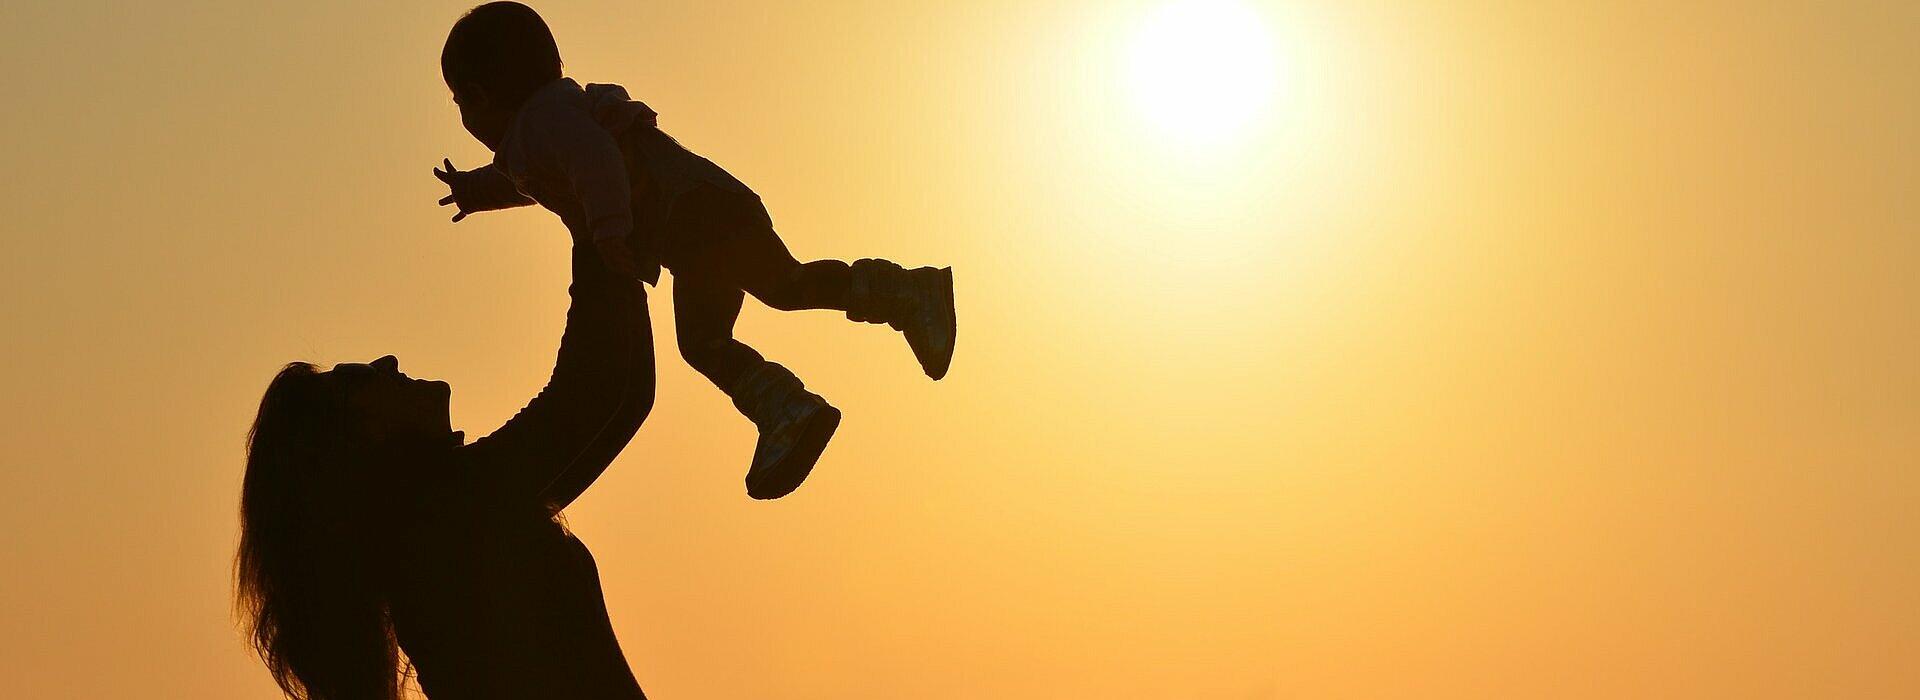 mulher segura seu filho no alto na praia com por do sol ao fundo